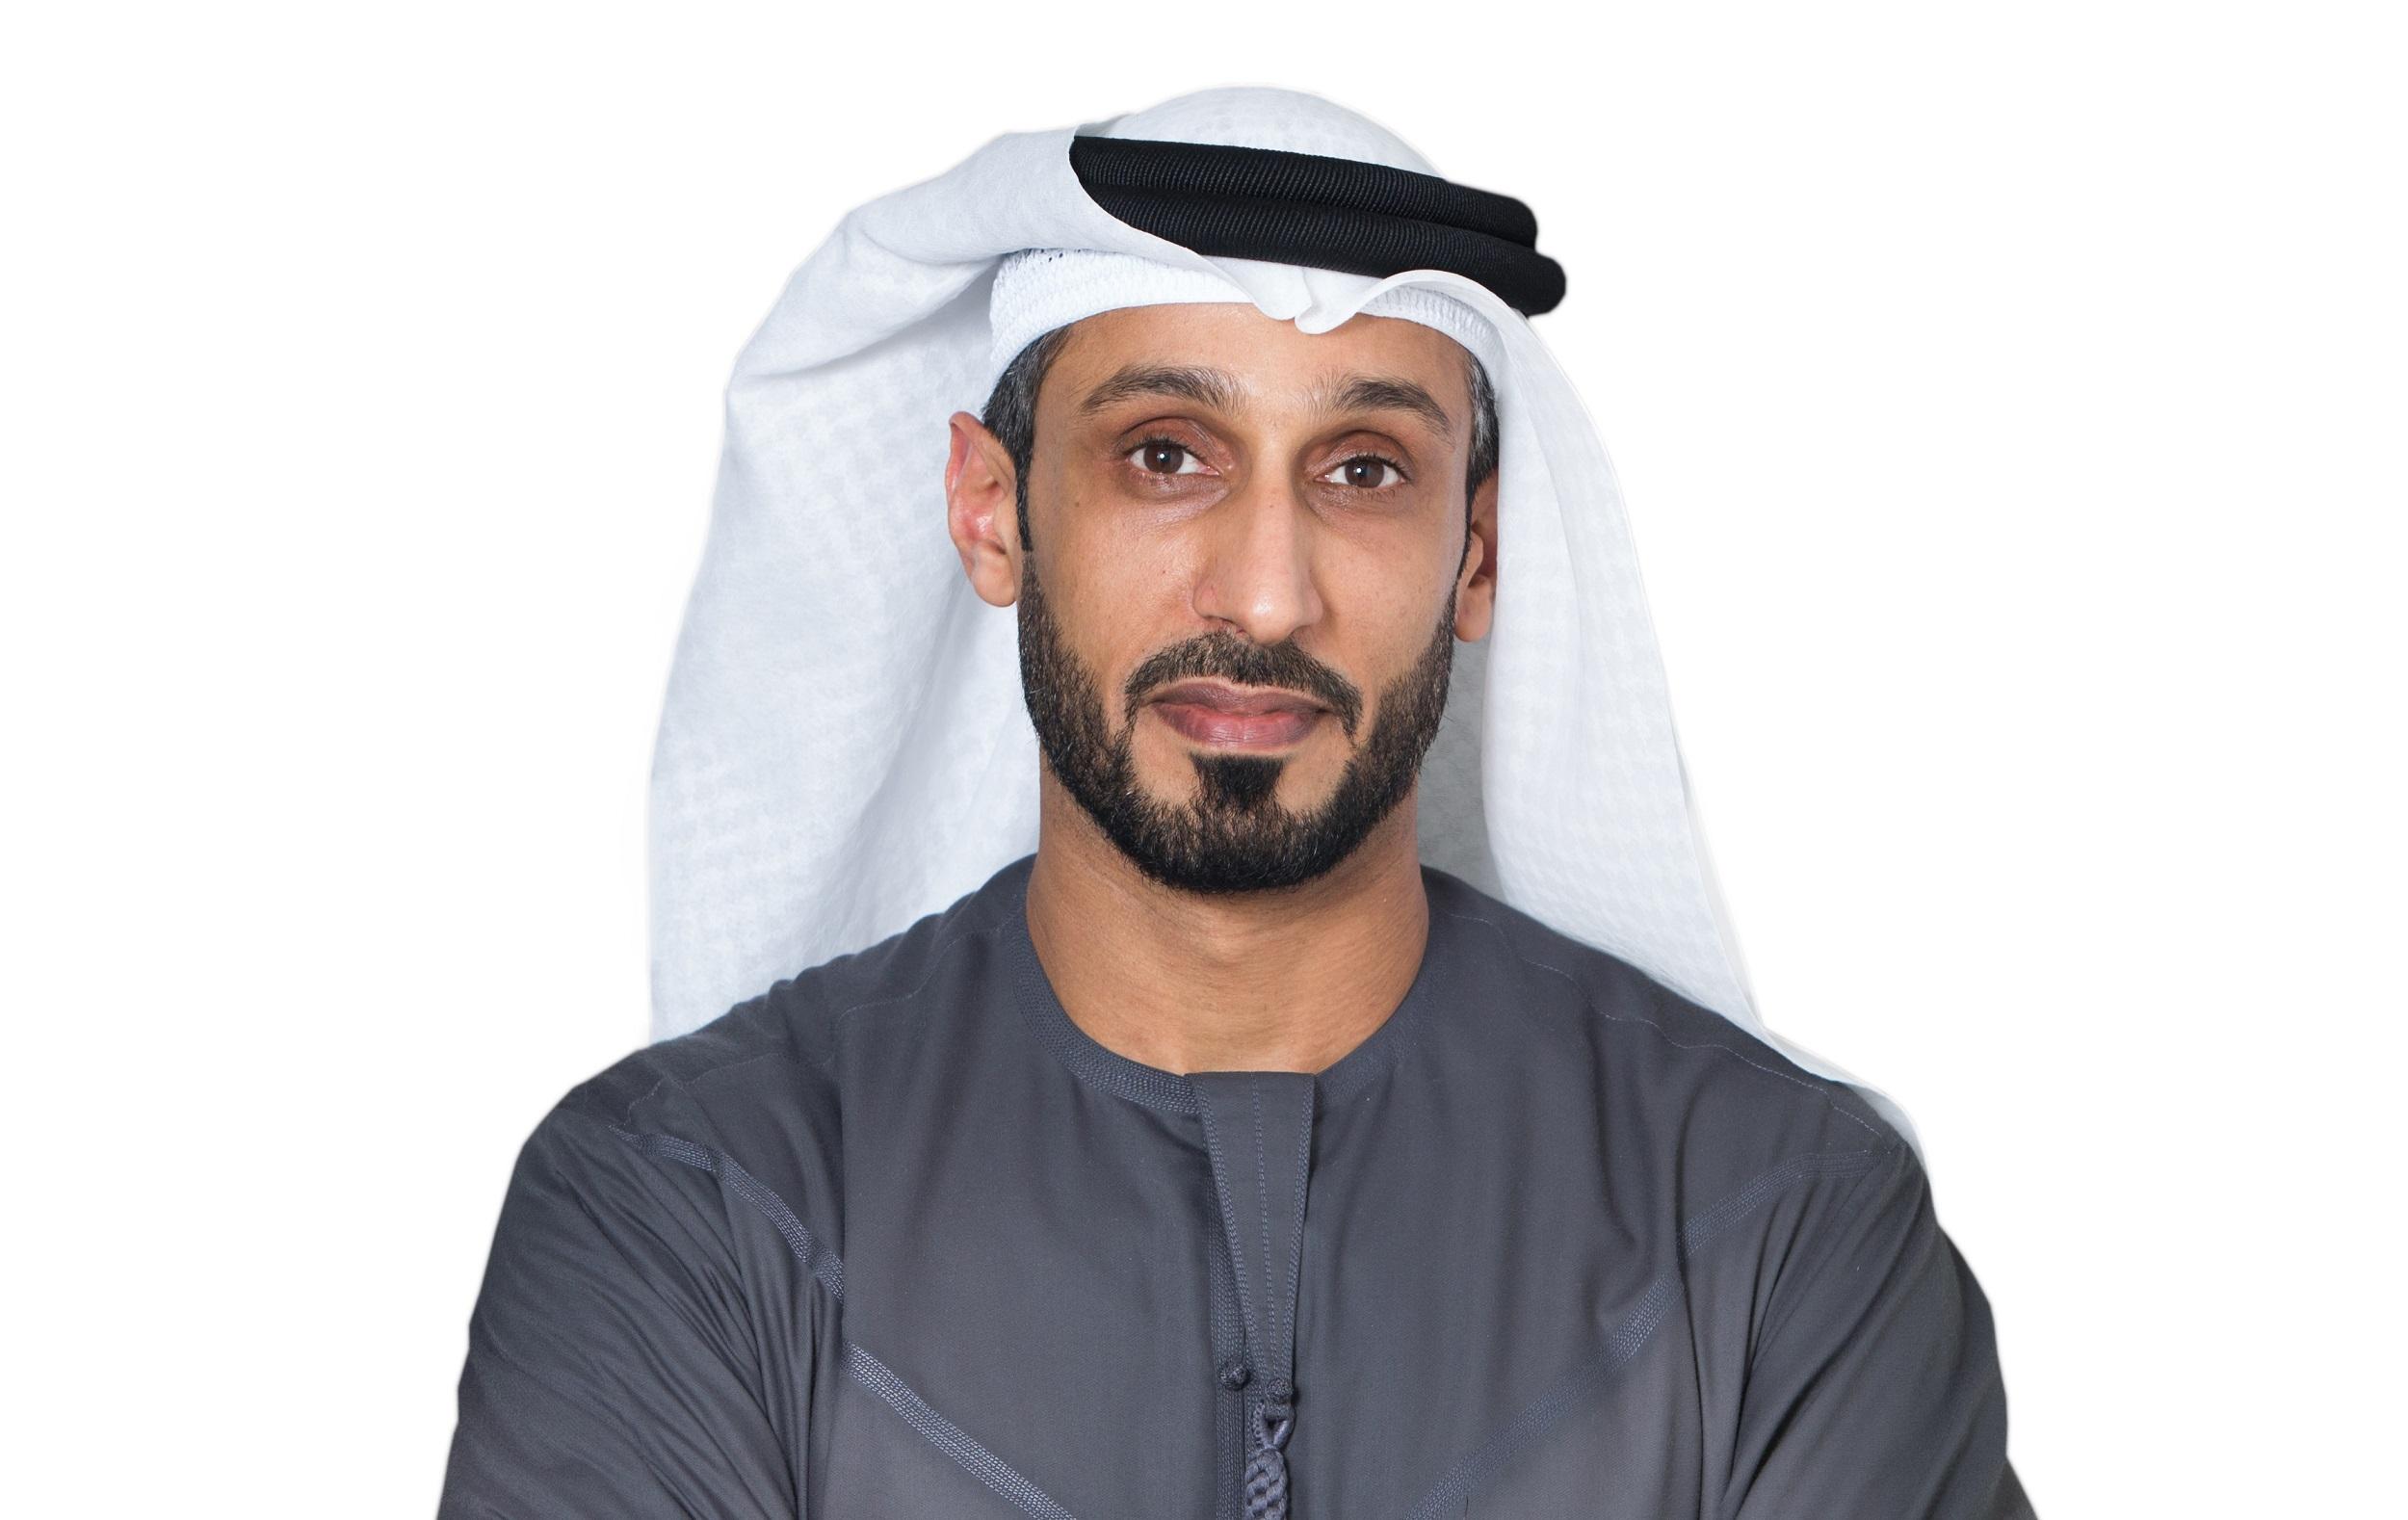 مجالس دبي للمستقبل تستعرض فرص المرحلة المقبلة والاستعداد لتحدياتها